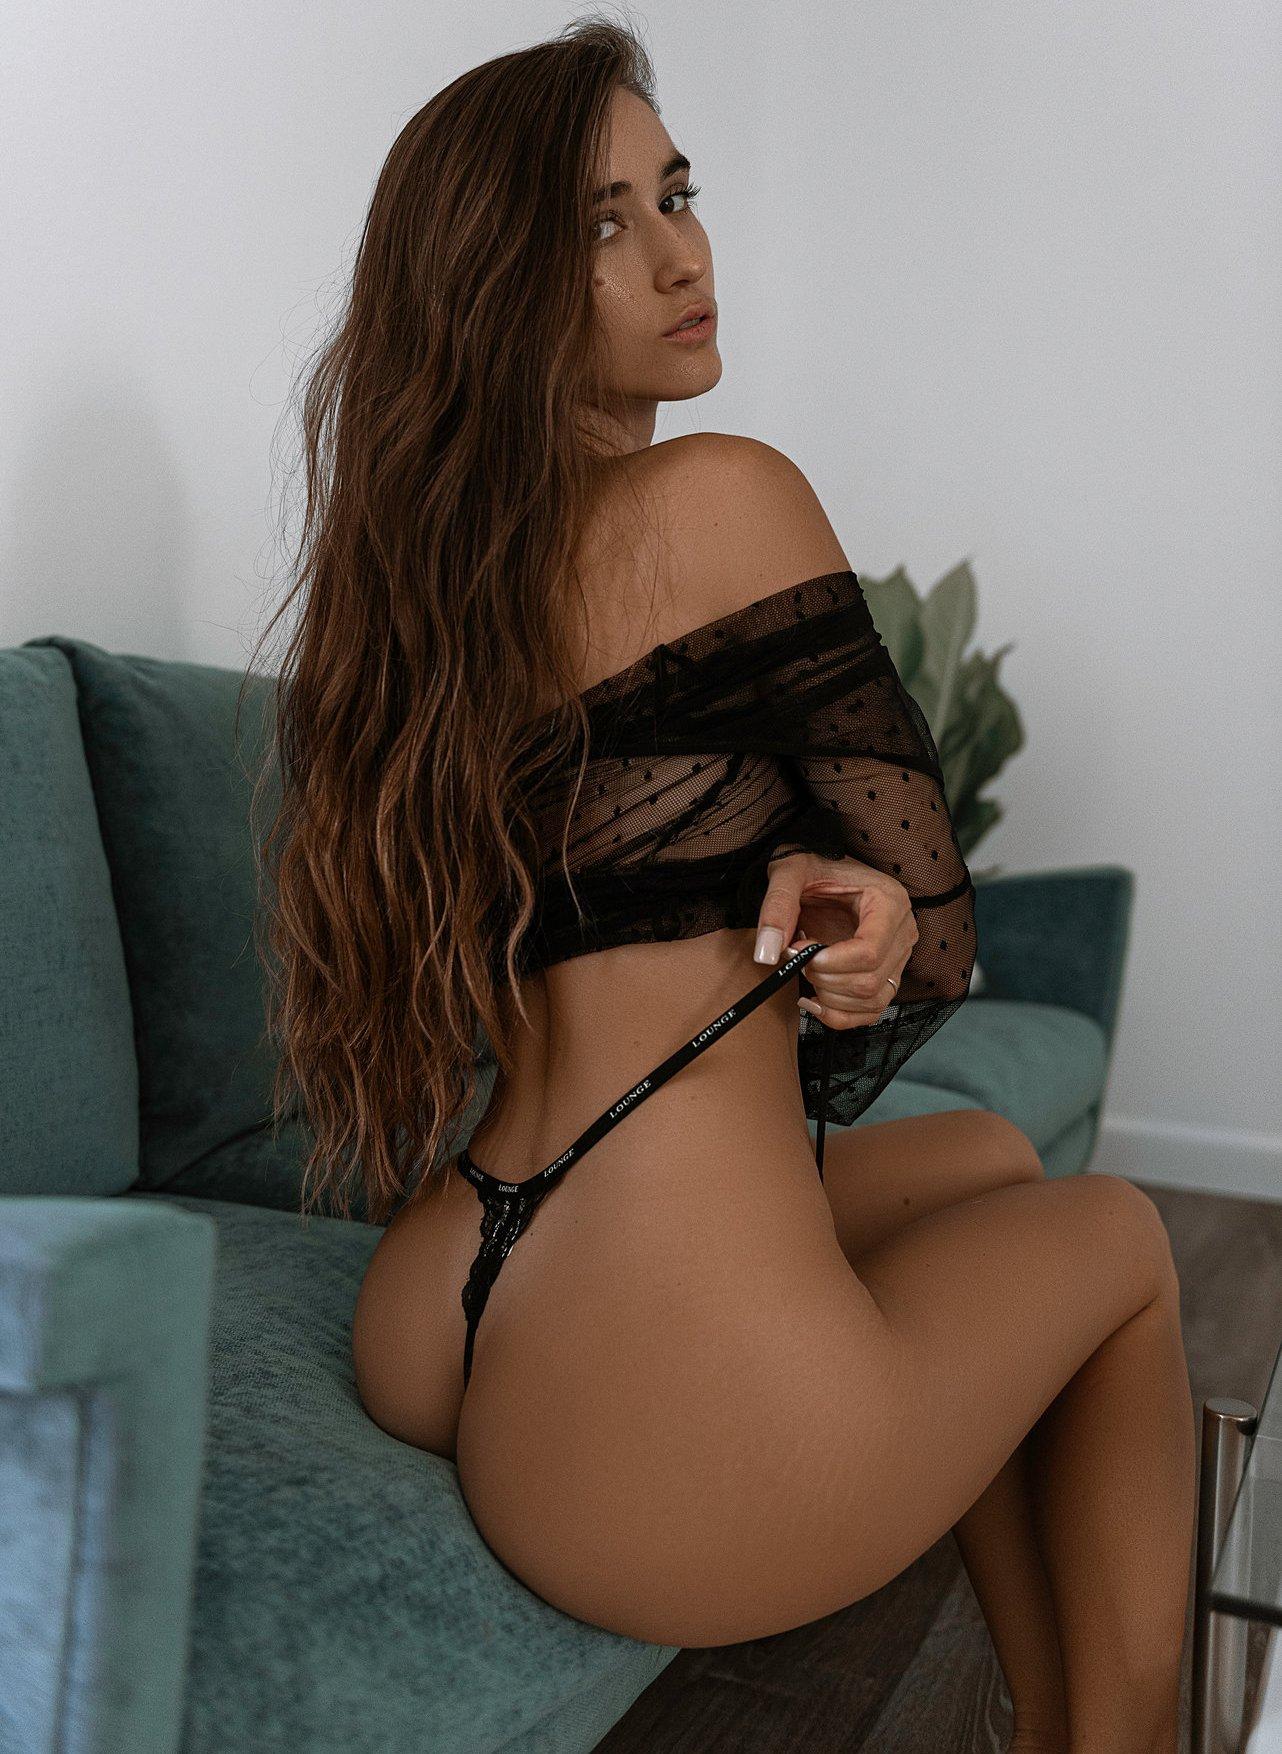 Natalie Roush Natalieroush Patreon Nude Leaks 0002